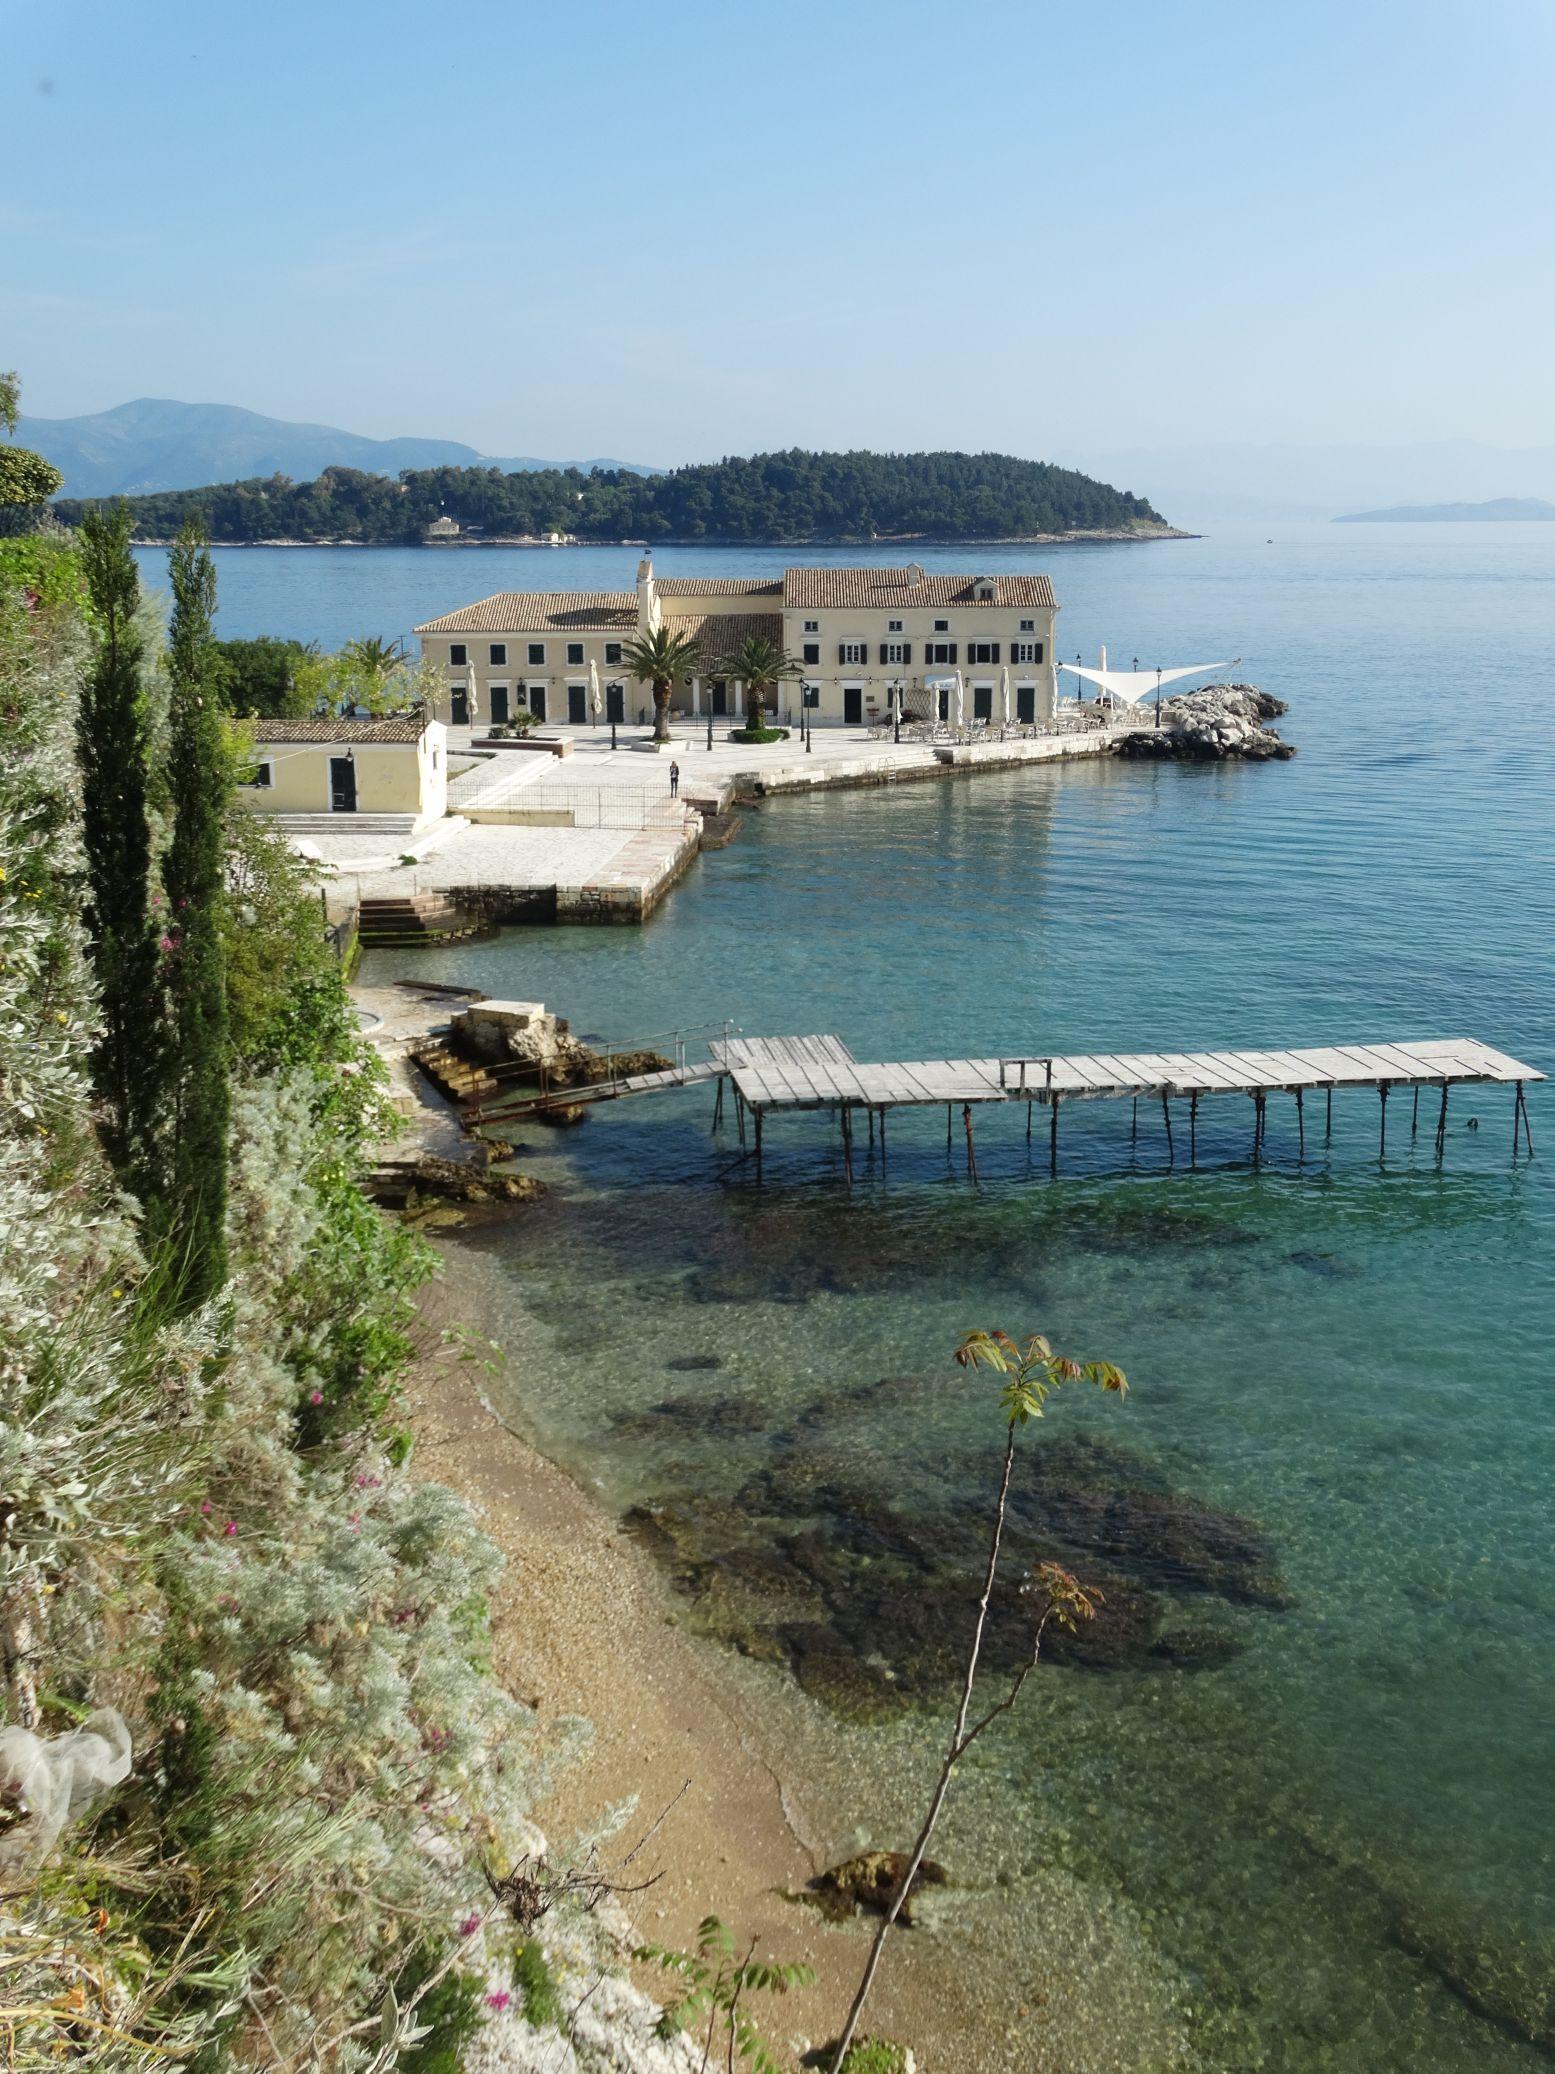 020 Corfu